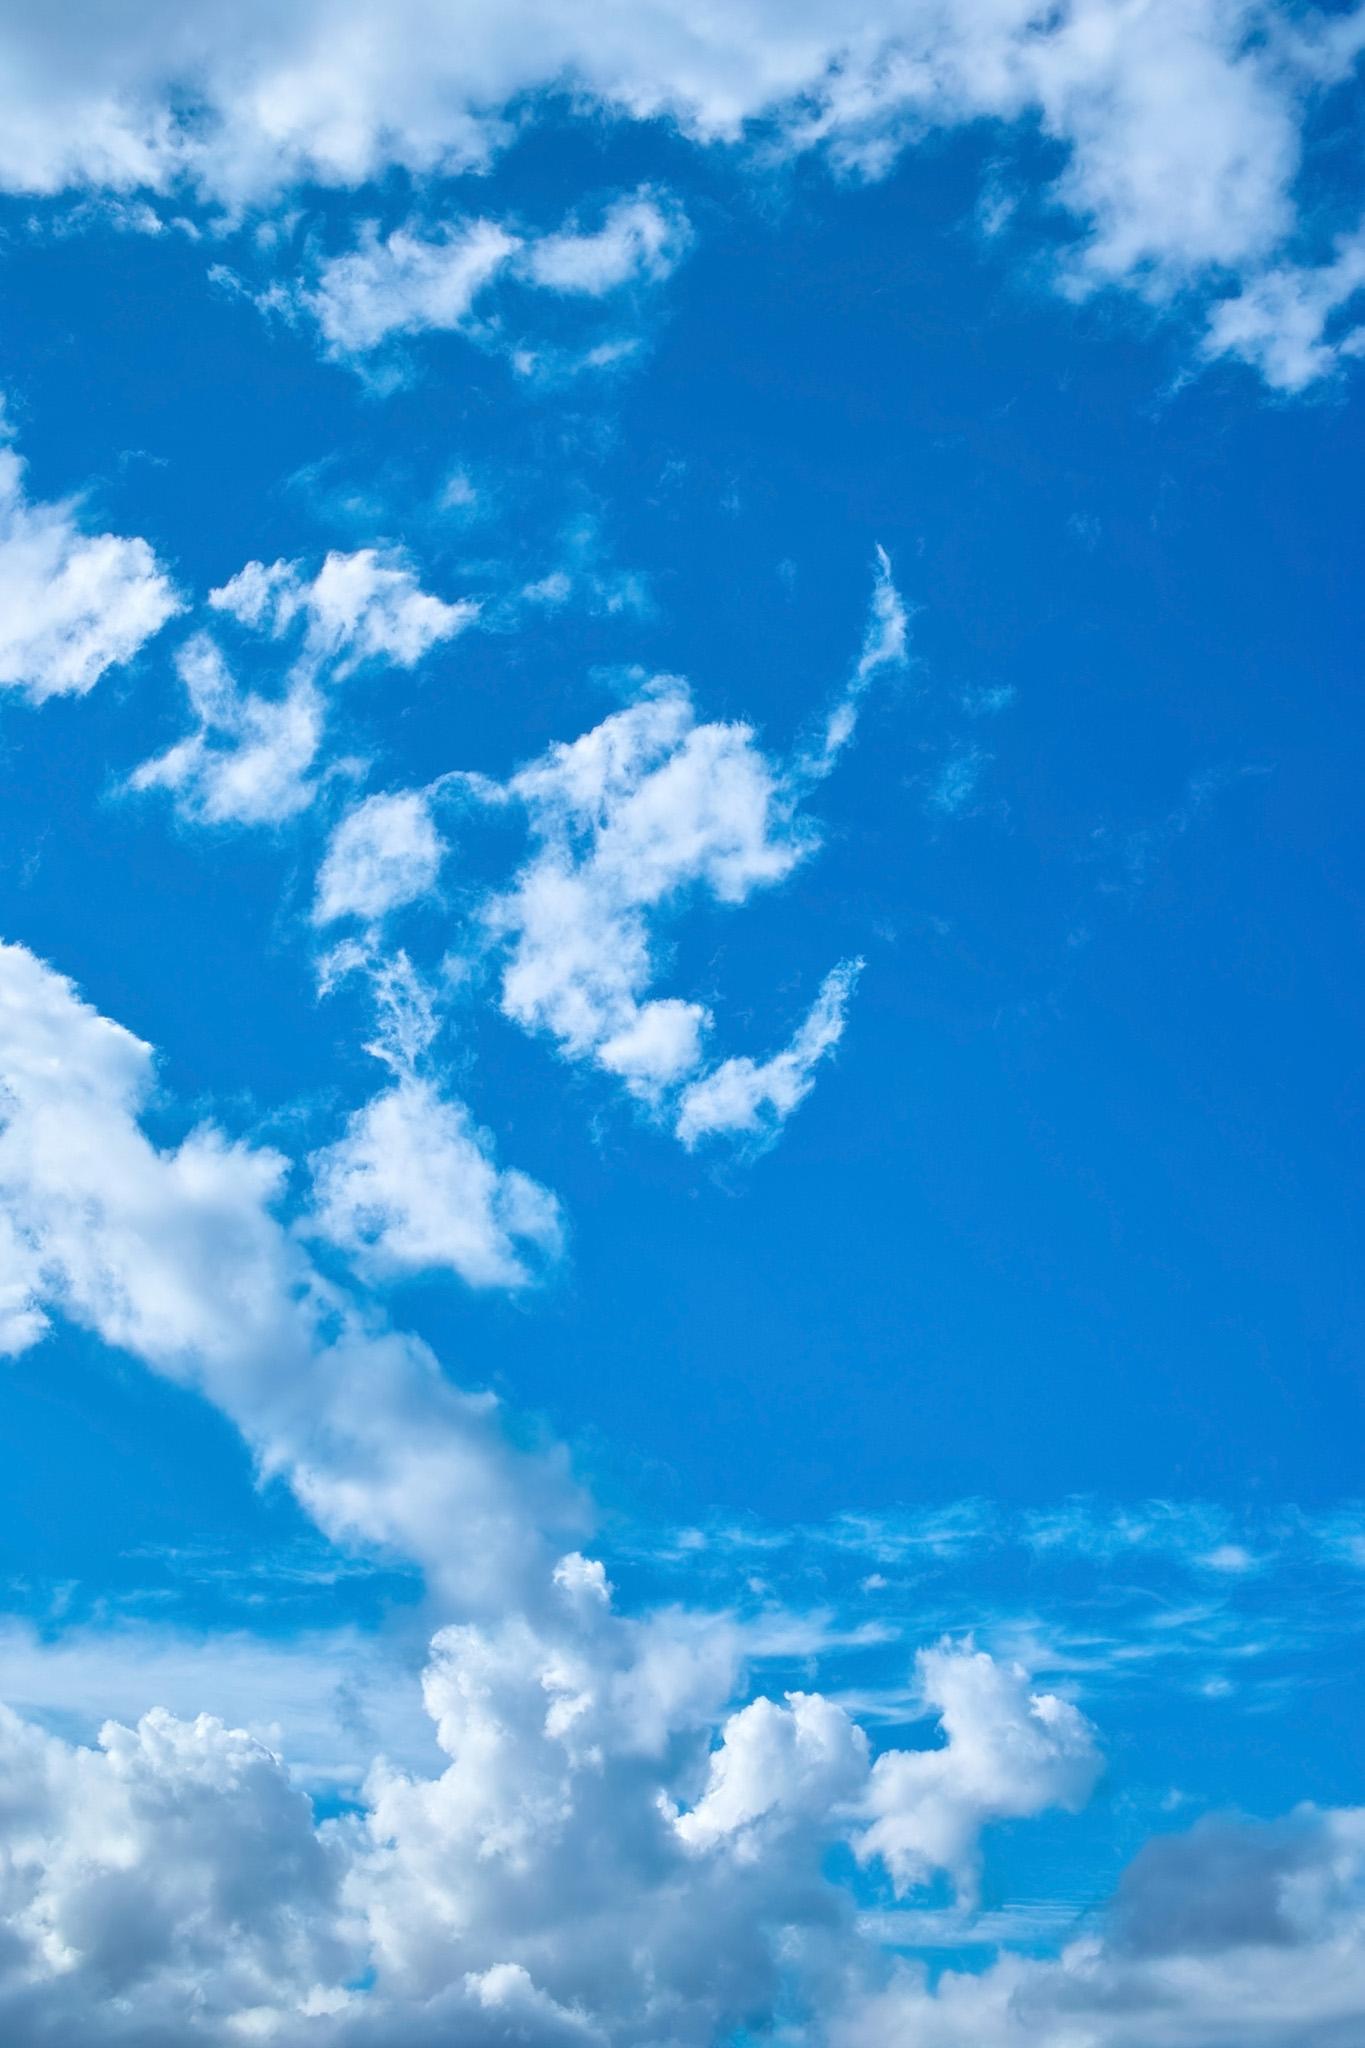 「雄麗な青空の下の積乱雲」の画像を無料ダウンロード